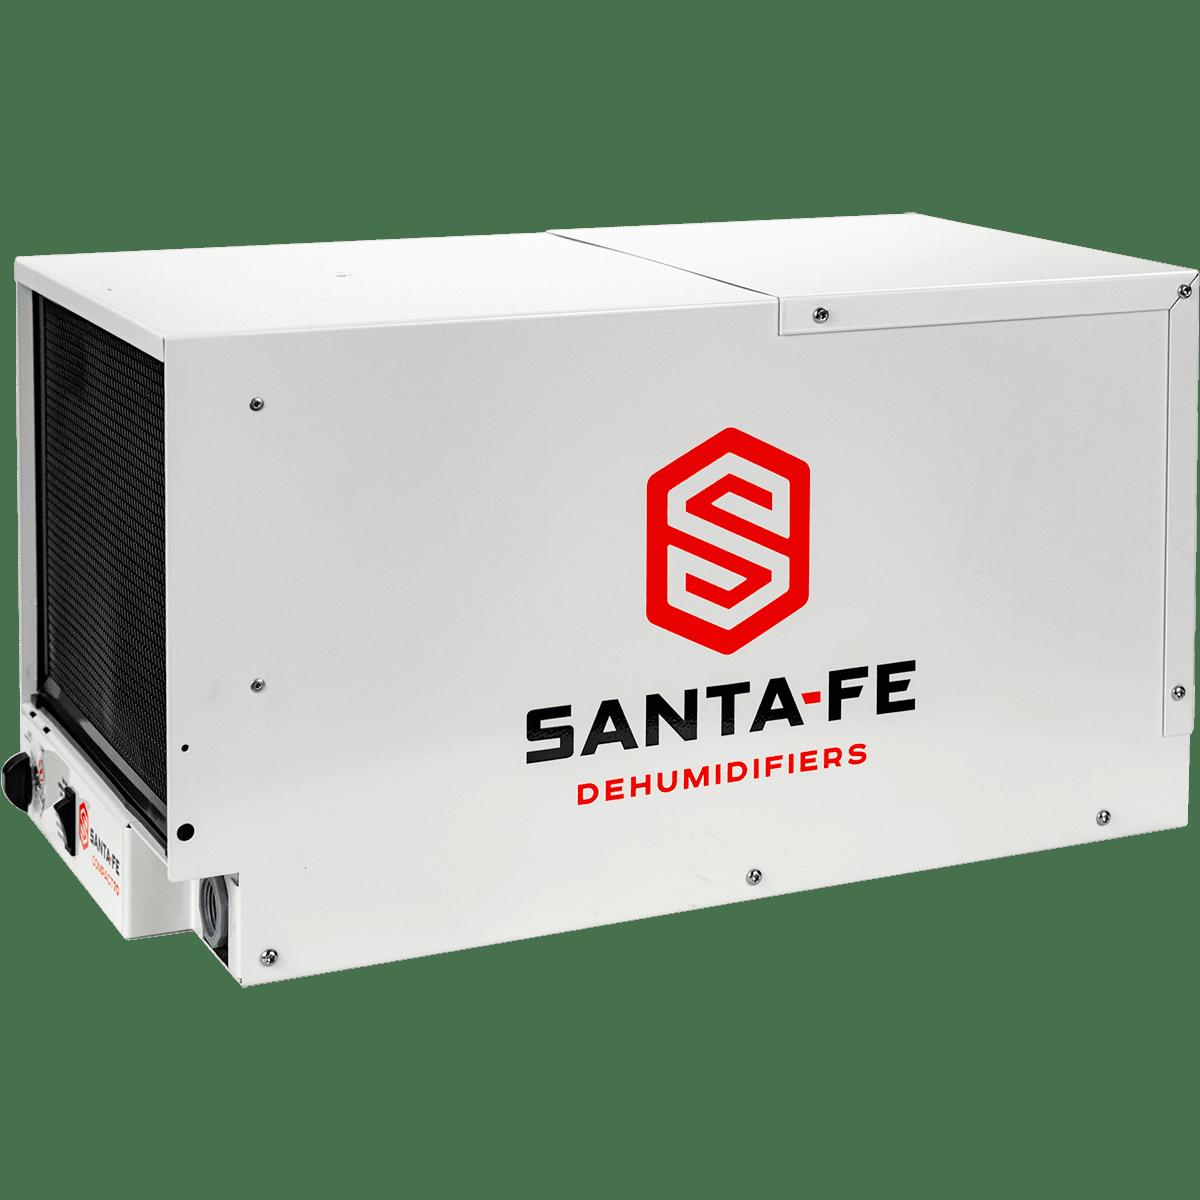 Santa Fe Compact 70 Dehumidifier - angle